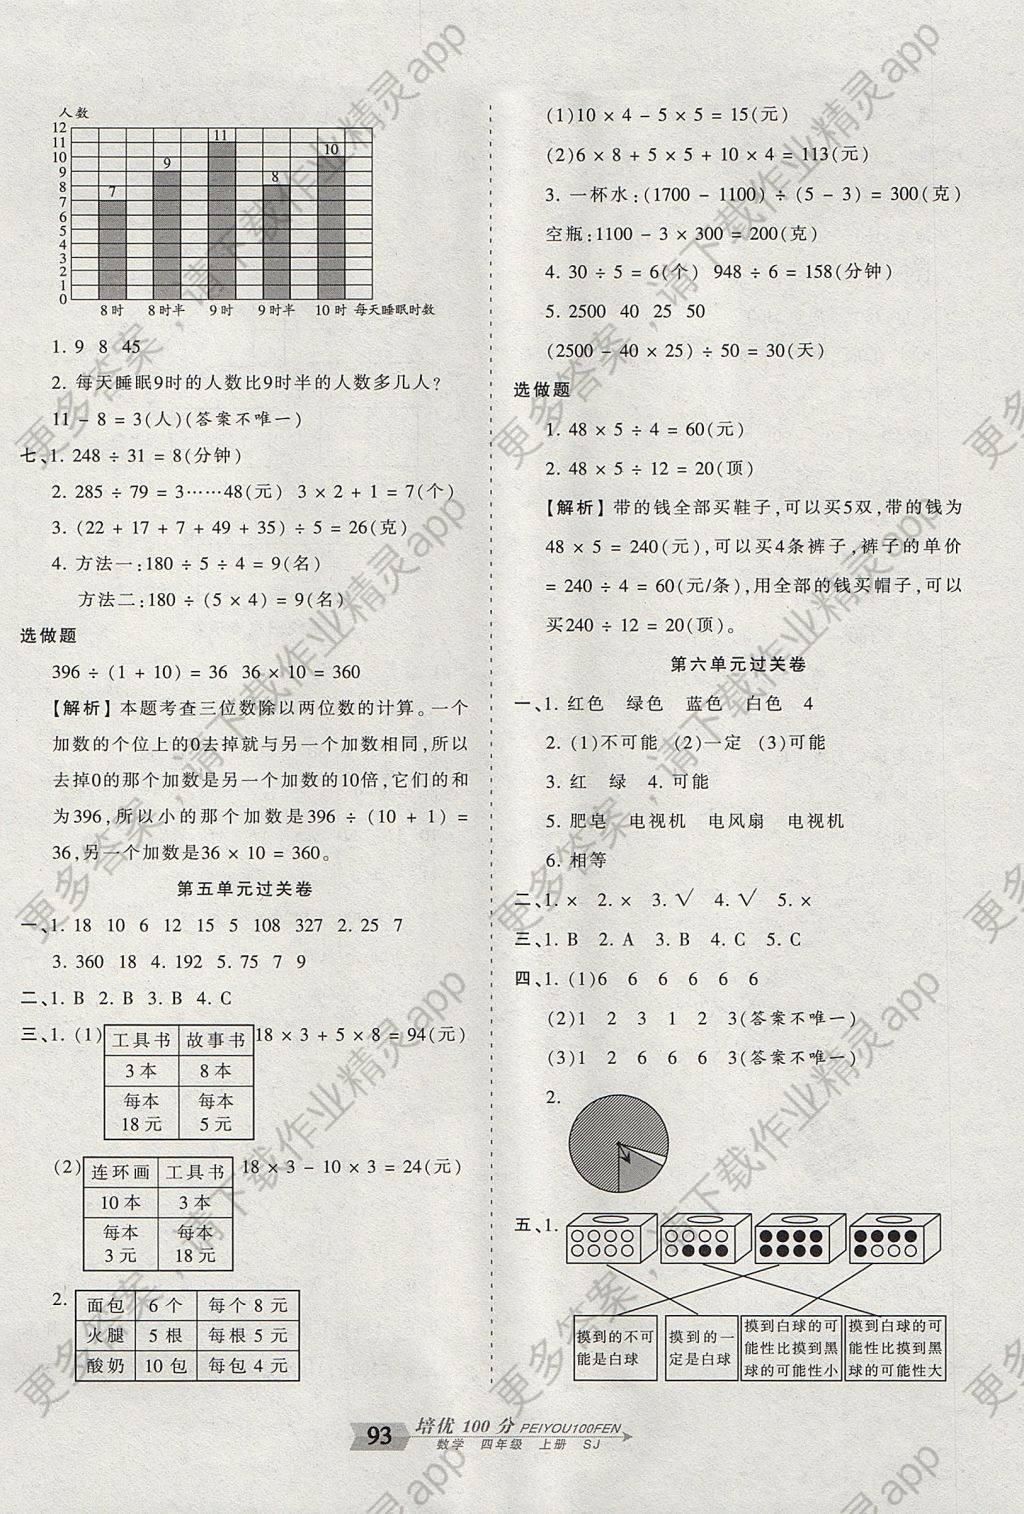 2017年王朝霞培优100分四年级数学上册苏教版答案